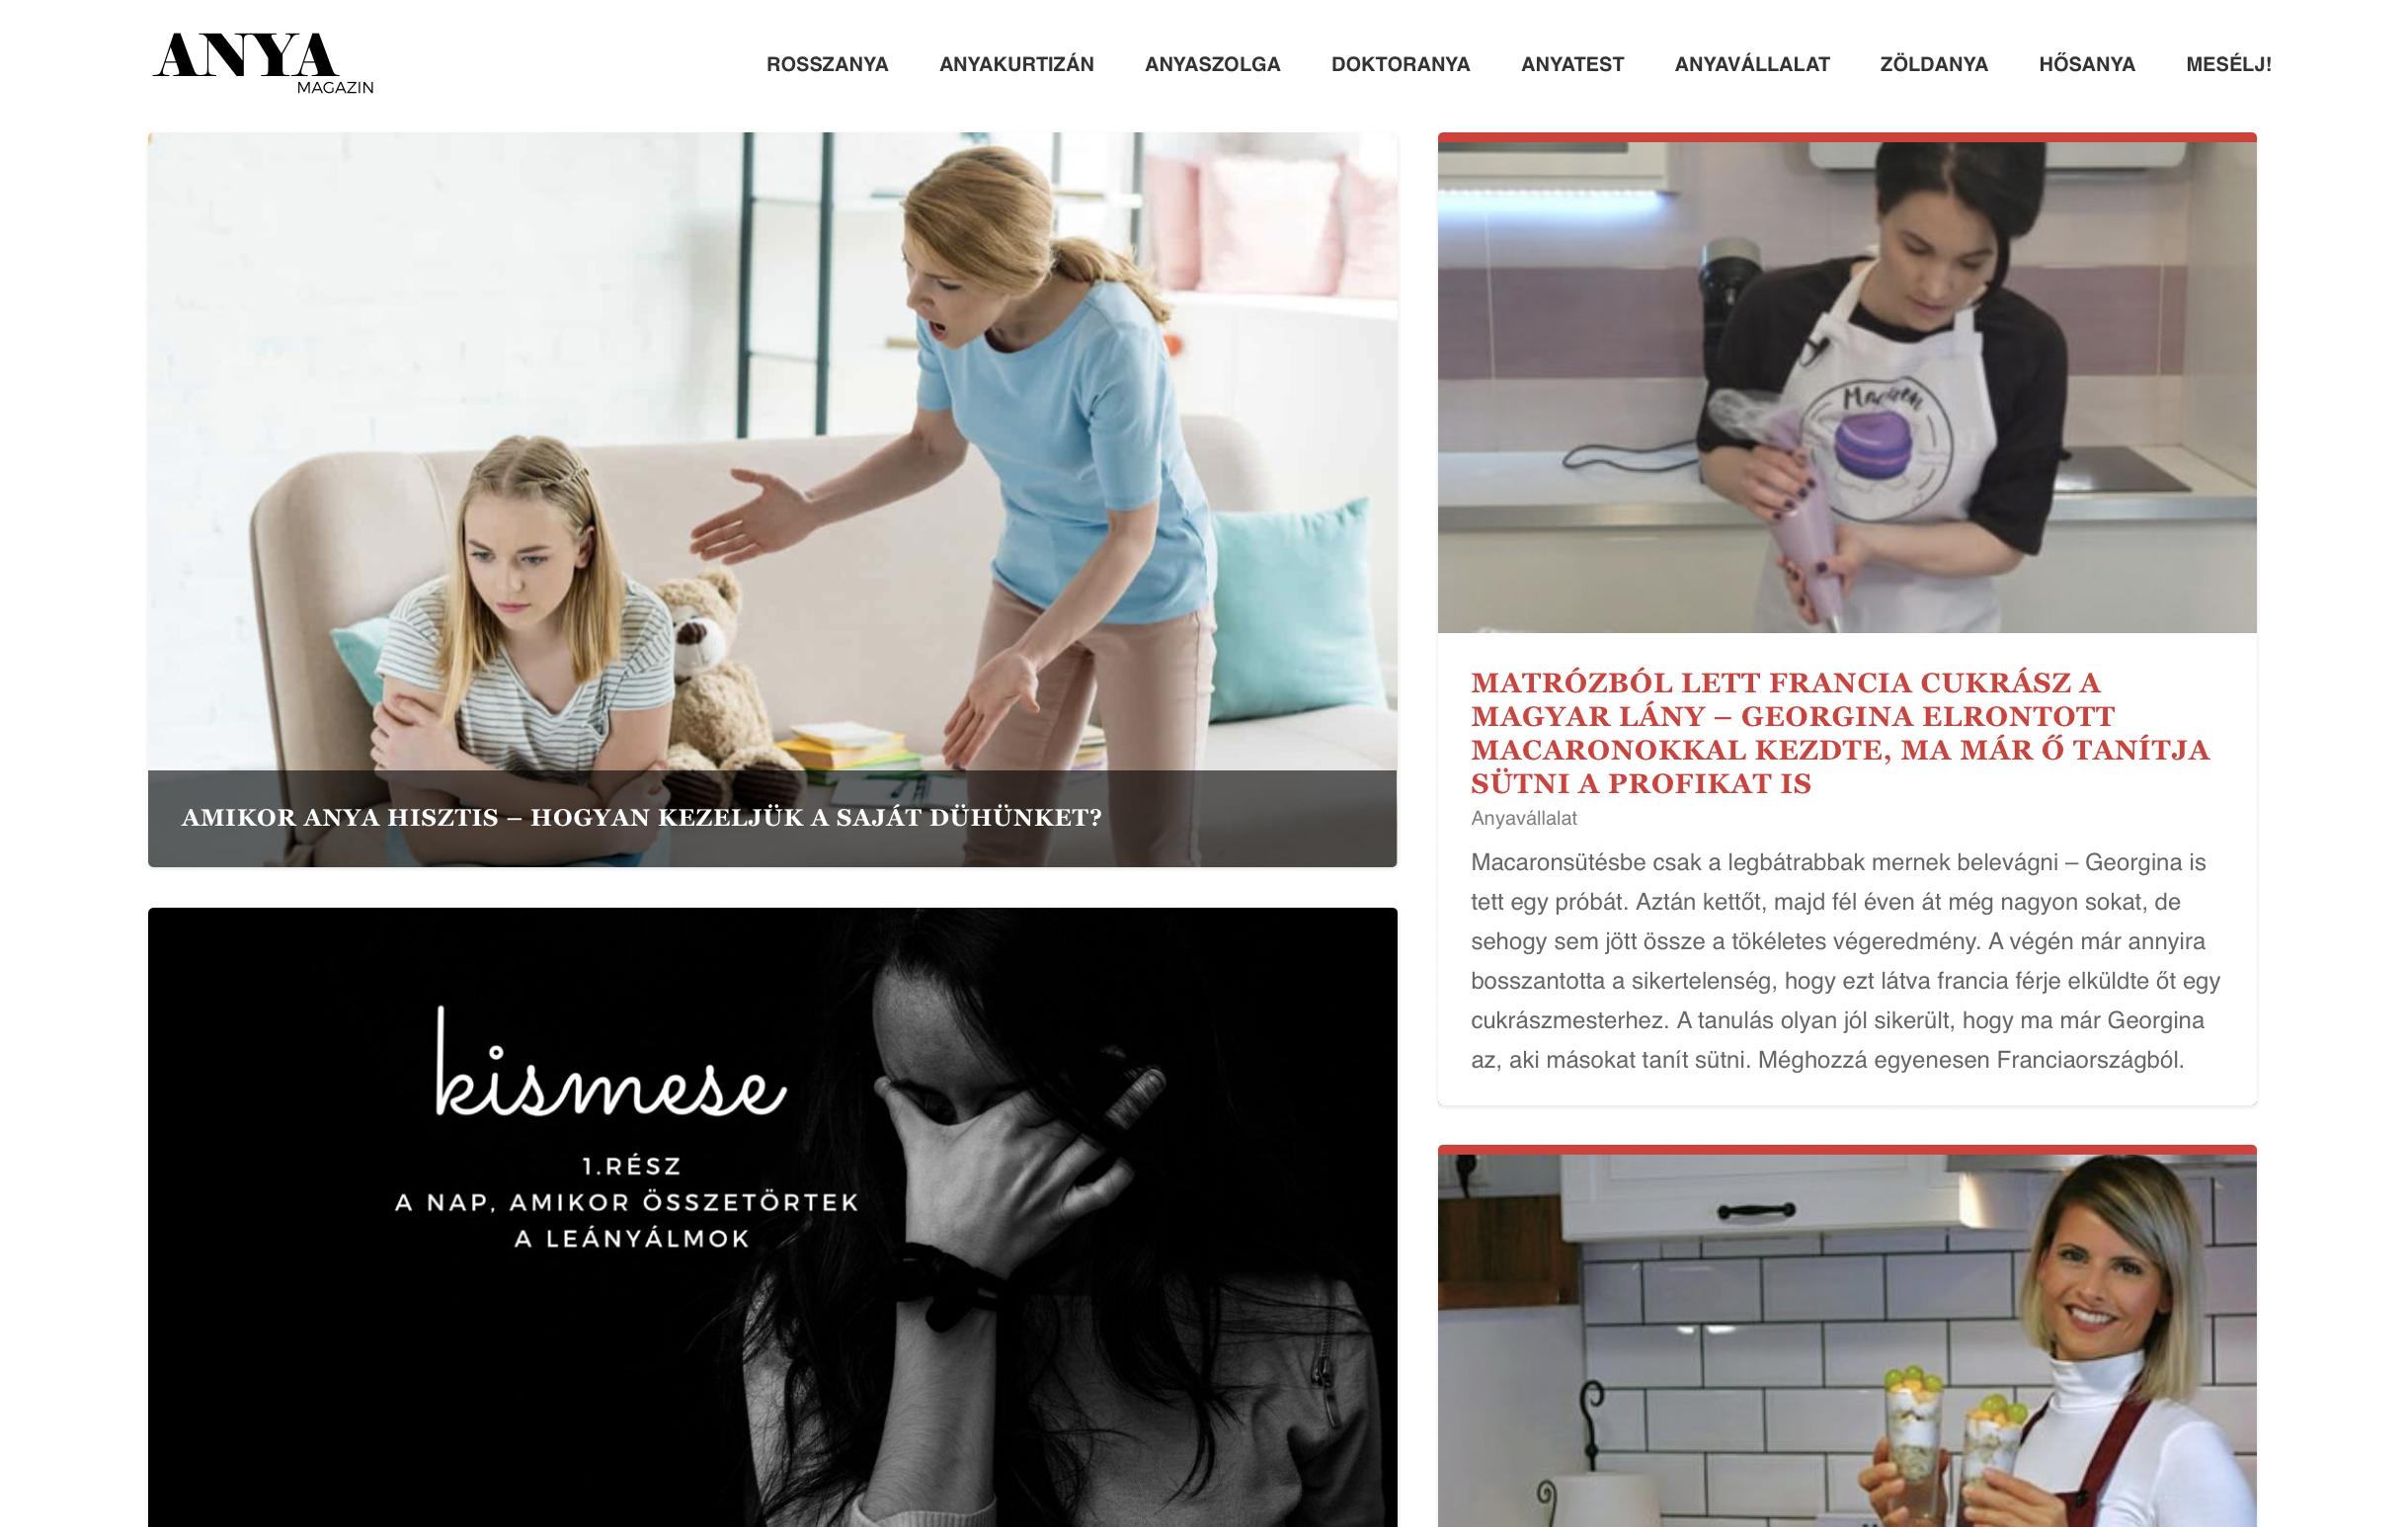 referencia – online magazin olvasószerkesztése (Kótis Nikoletta): Anyamagazin